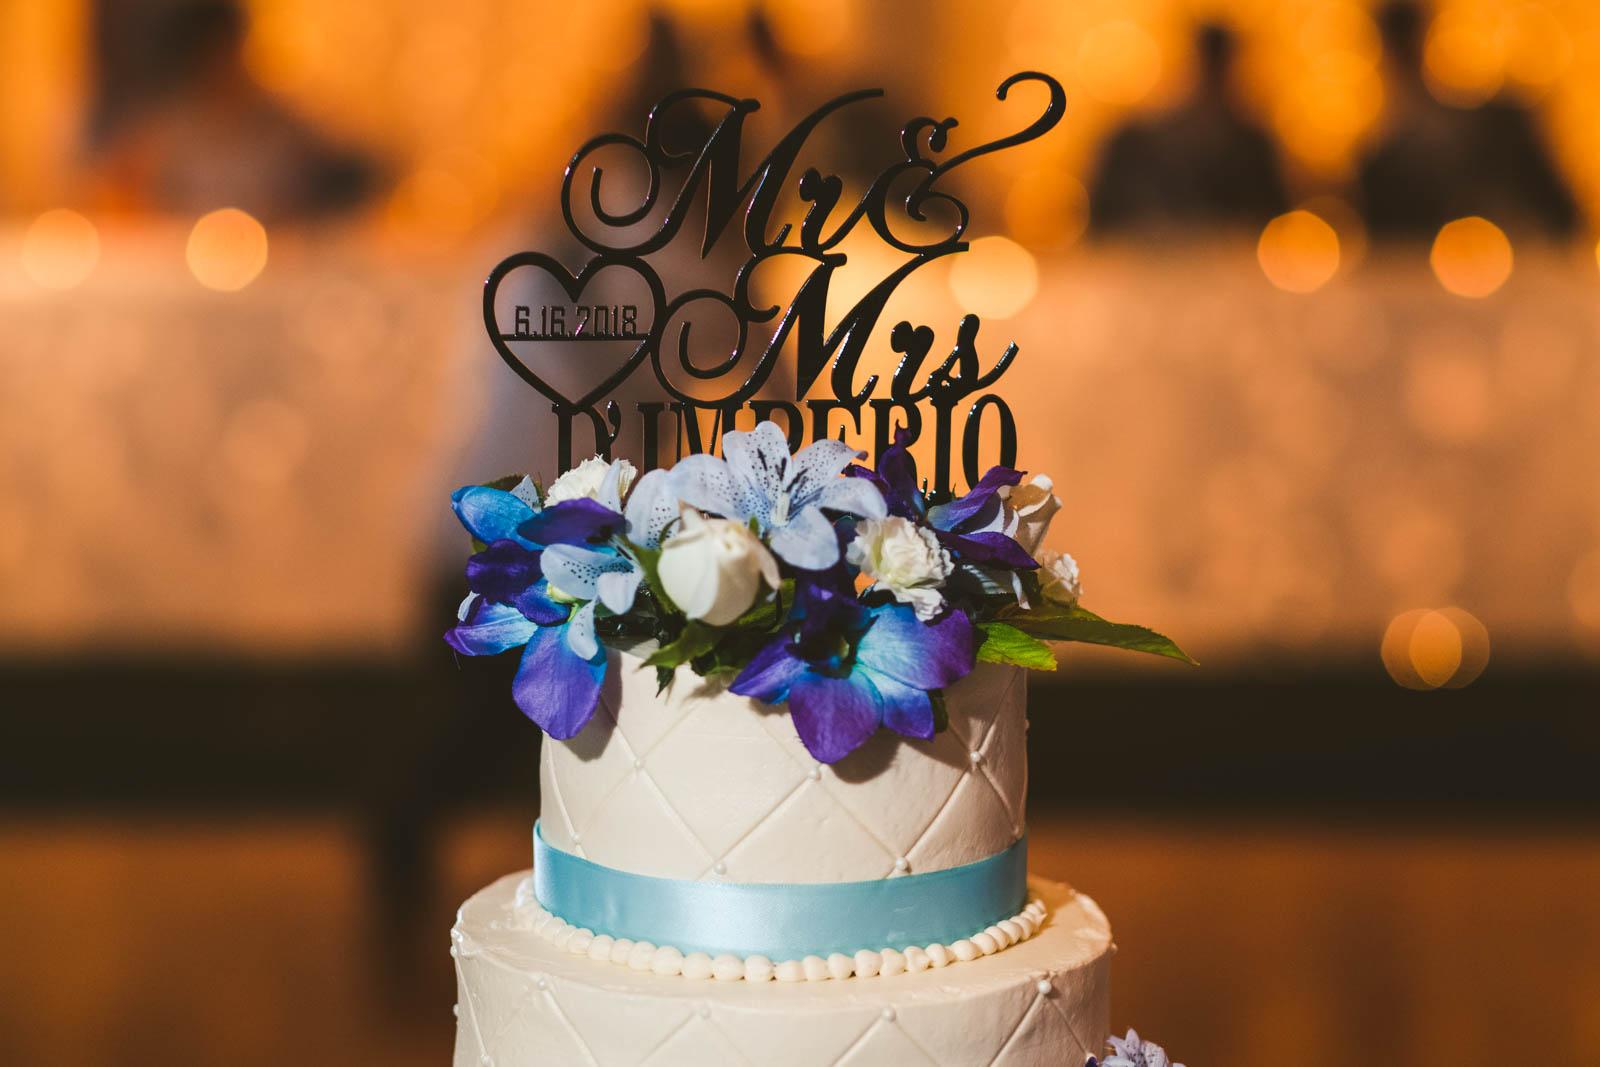 Wedding Cake at Stone Ridge Golf Club in Bowling Green Ohio for Wedding Reception